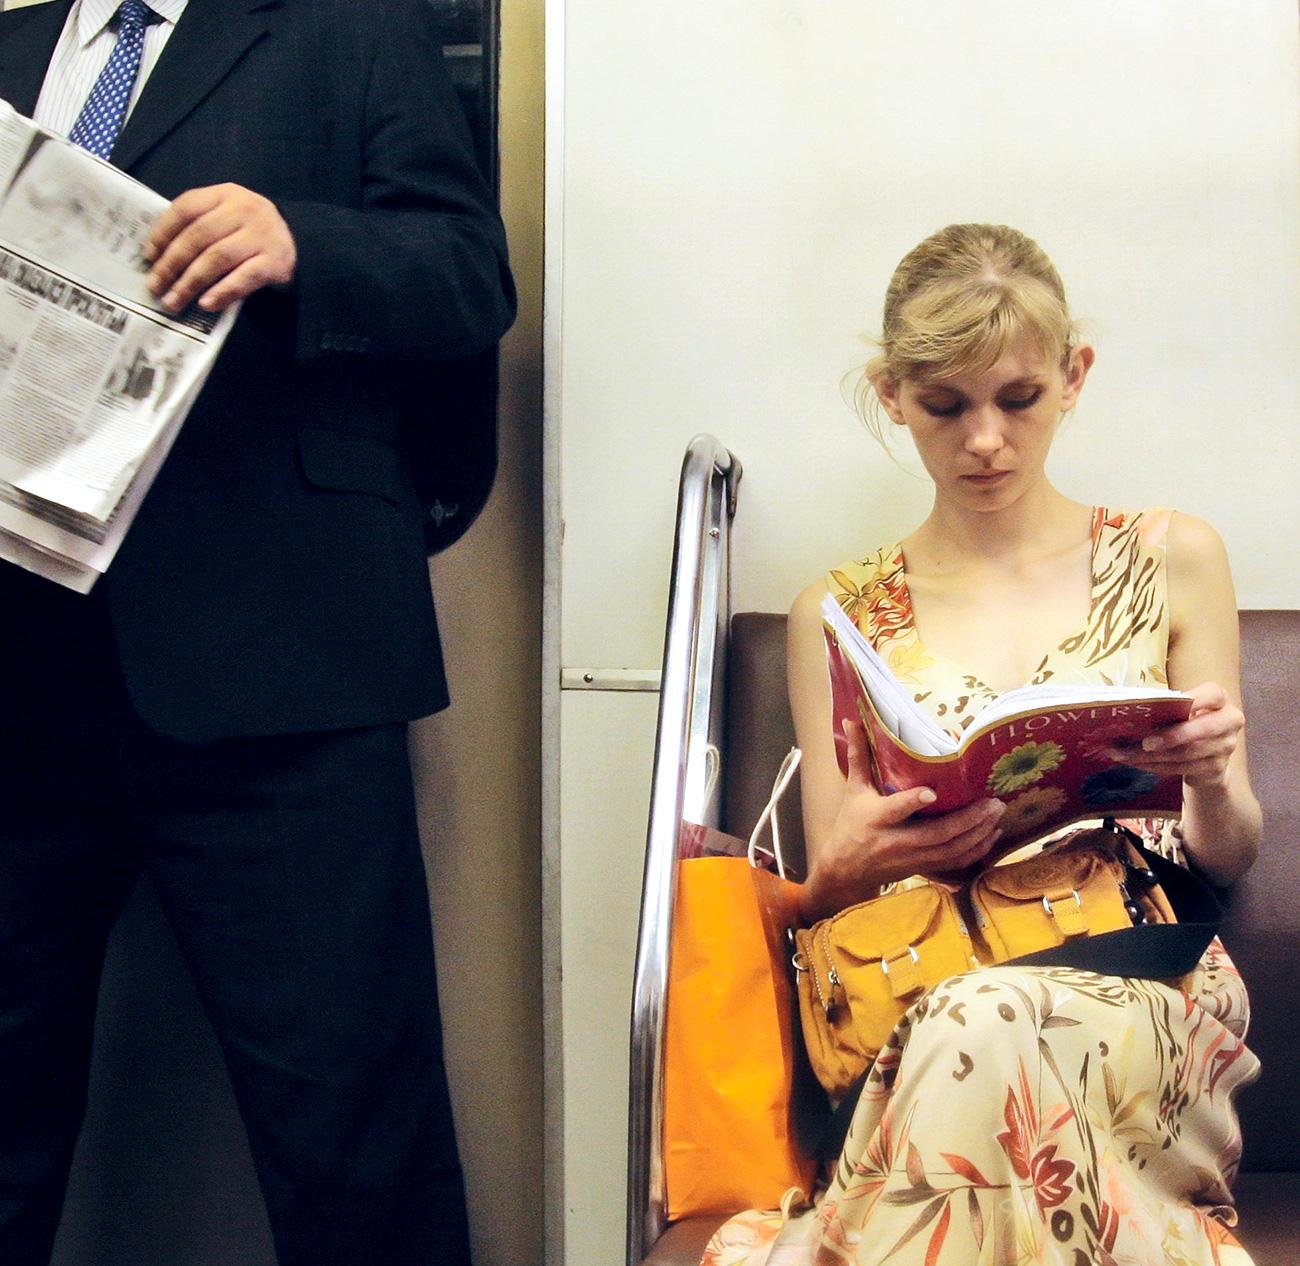 Seorang gadis sedang membaca buku pelajaran di dalam metro Moskow. Sumber: Marina Lystseva/TASS